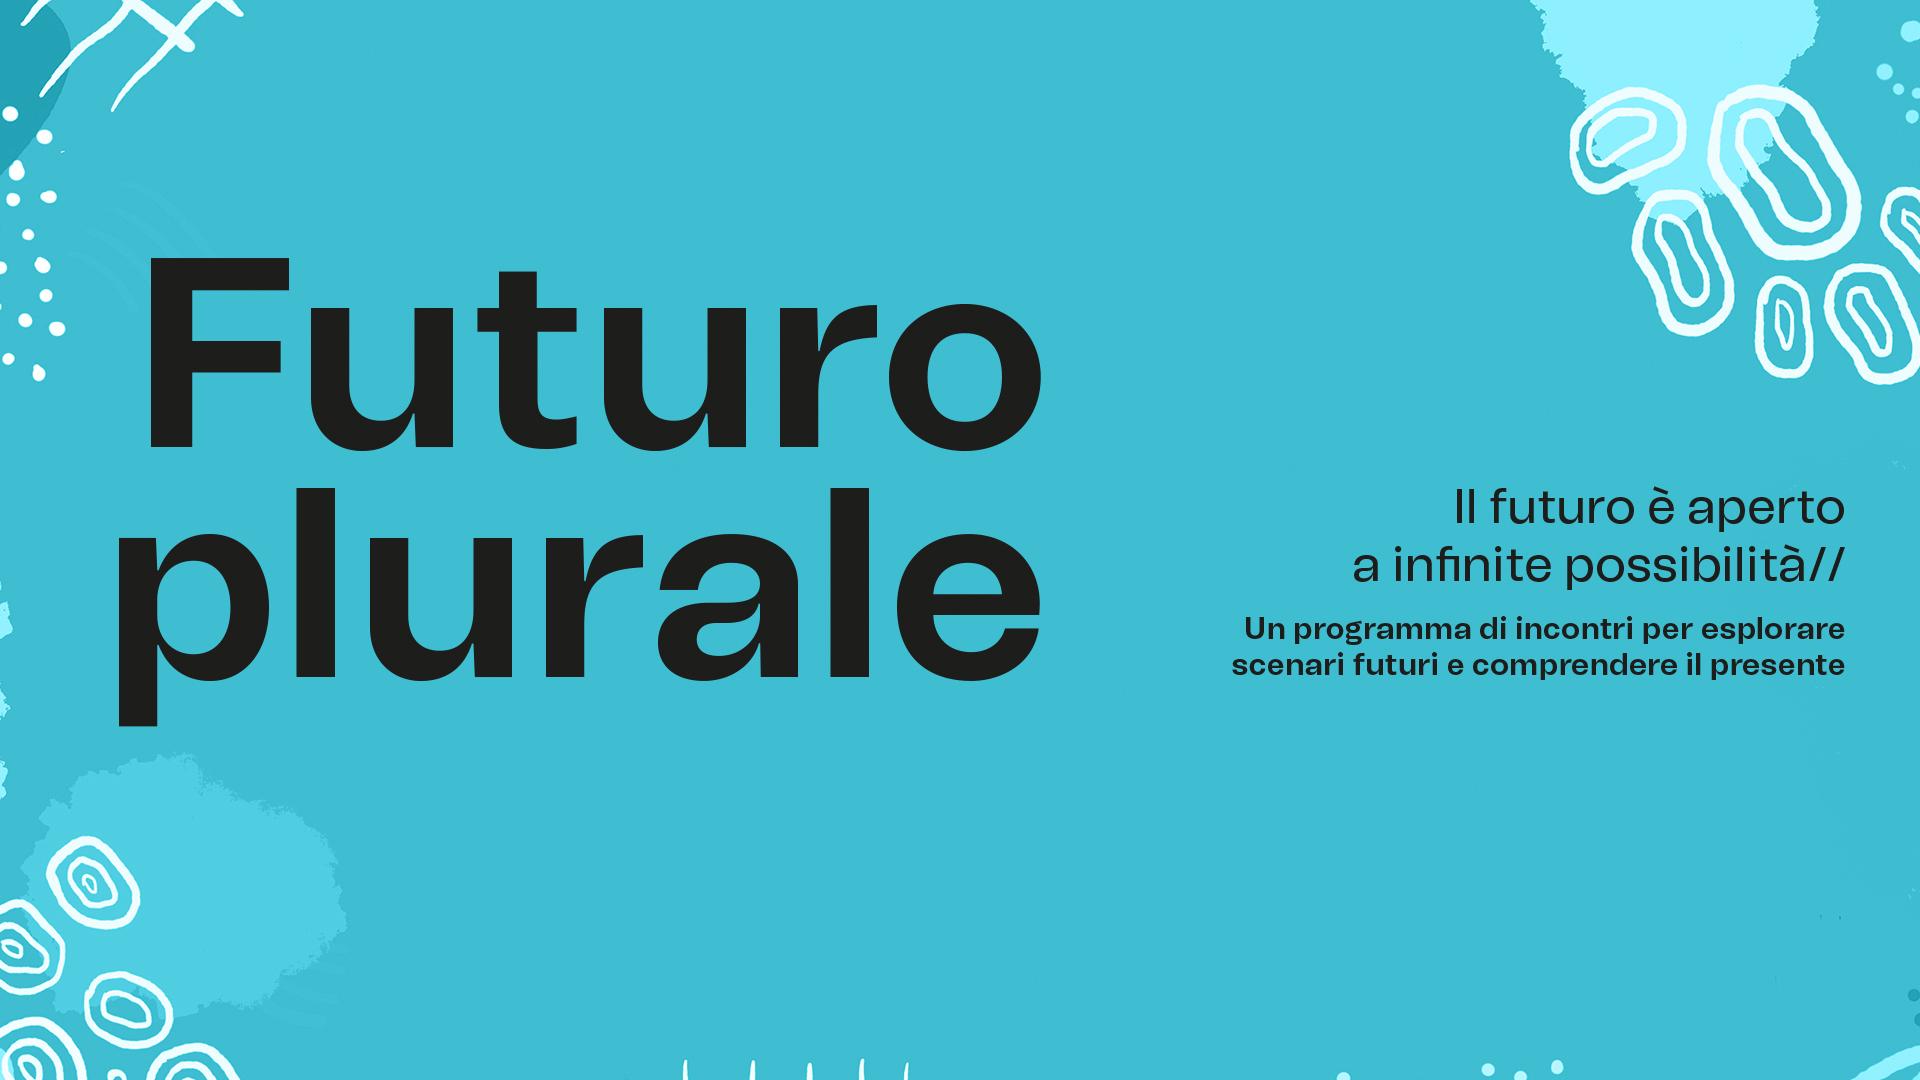 FUTURO PLURALE – il futuro è aperto a infinite possibilità